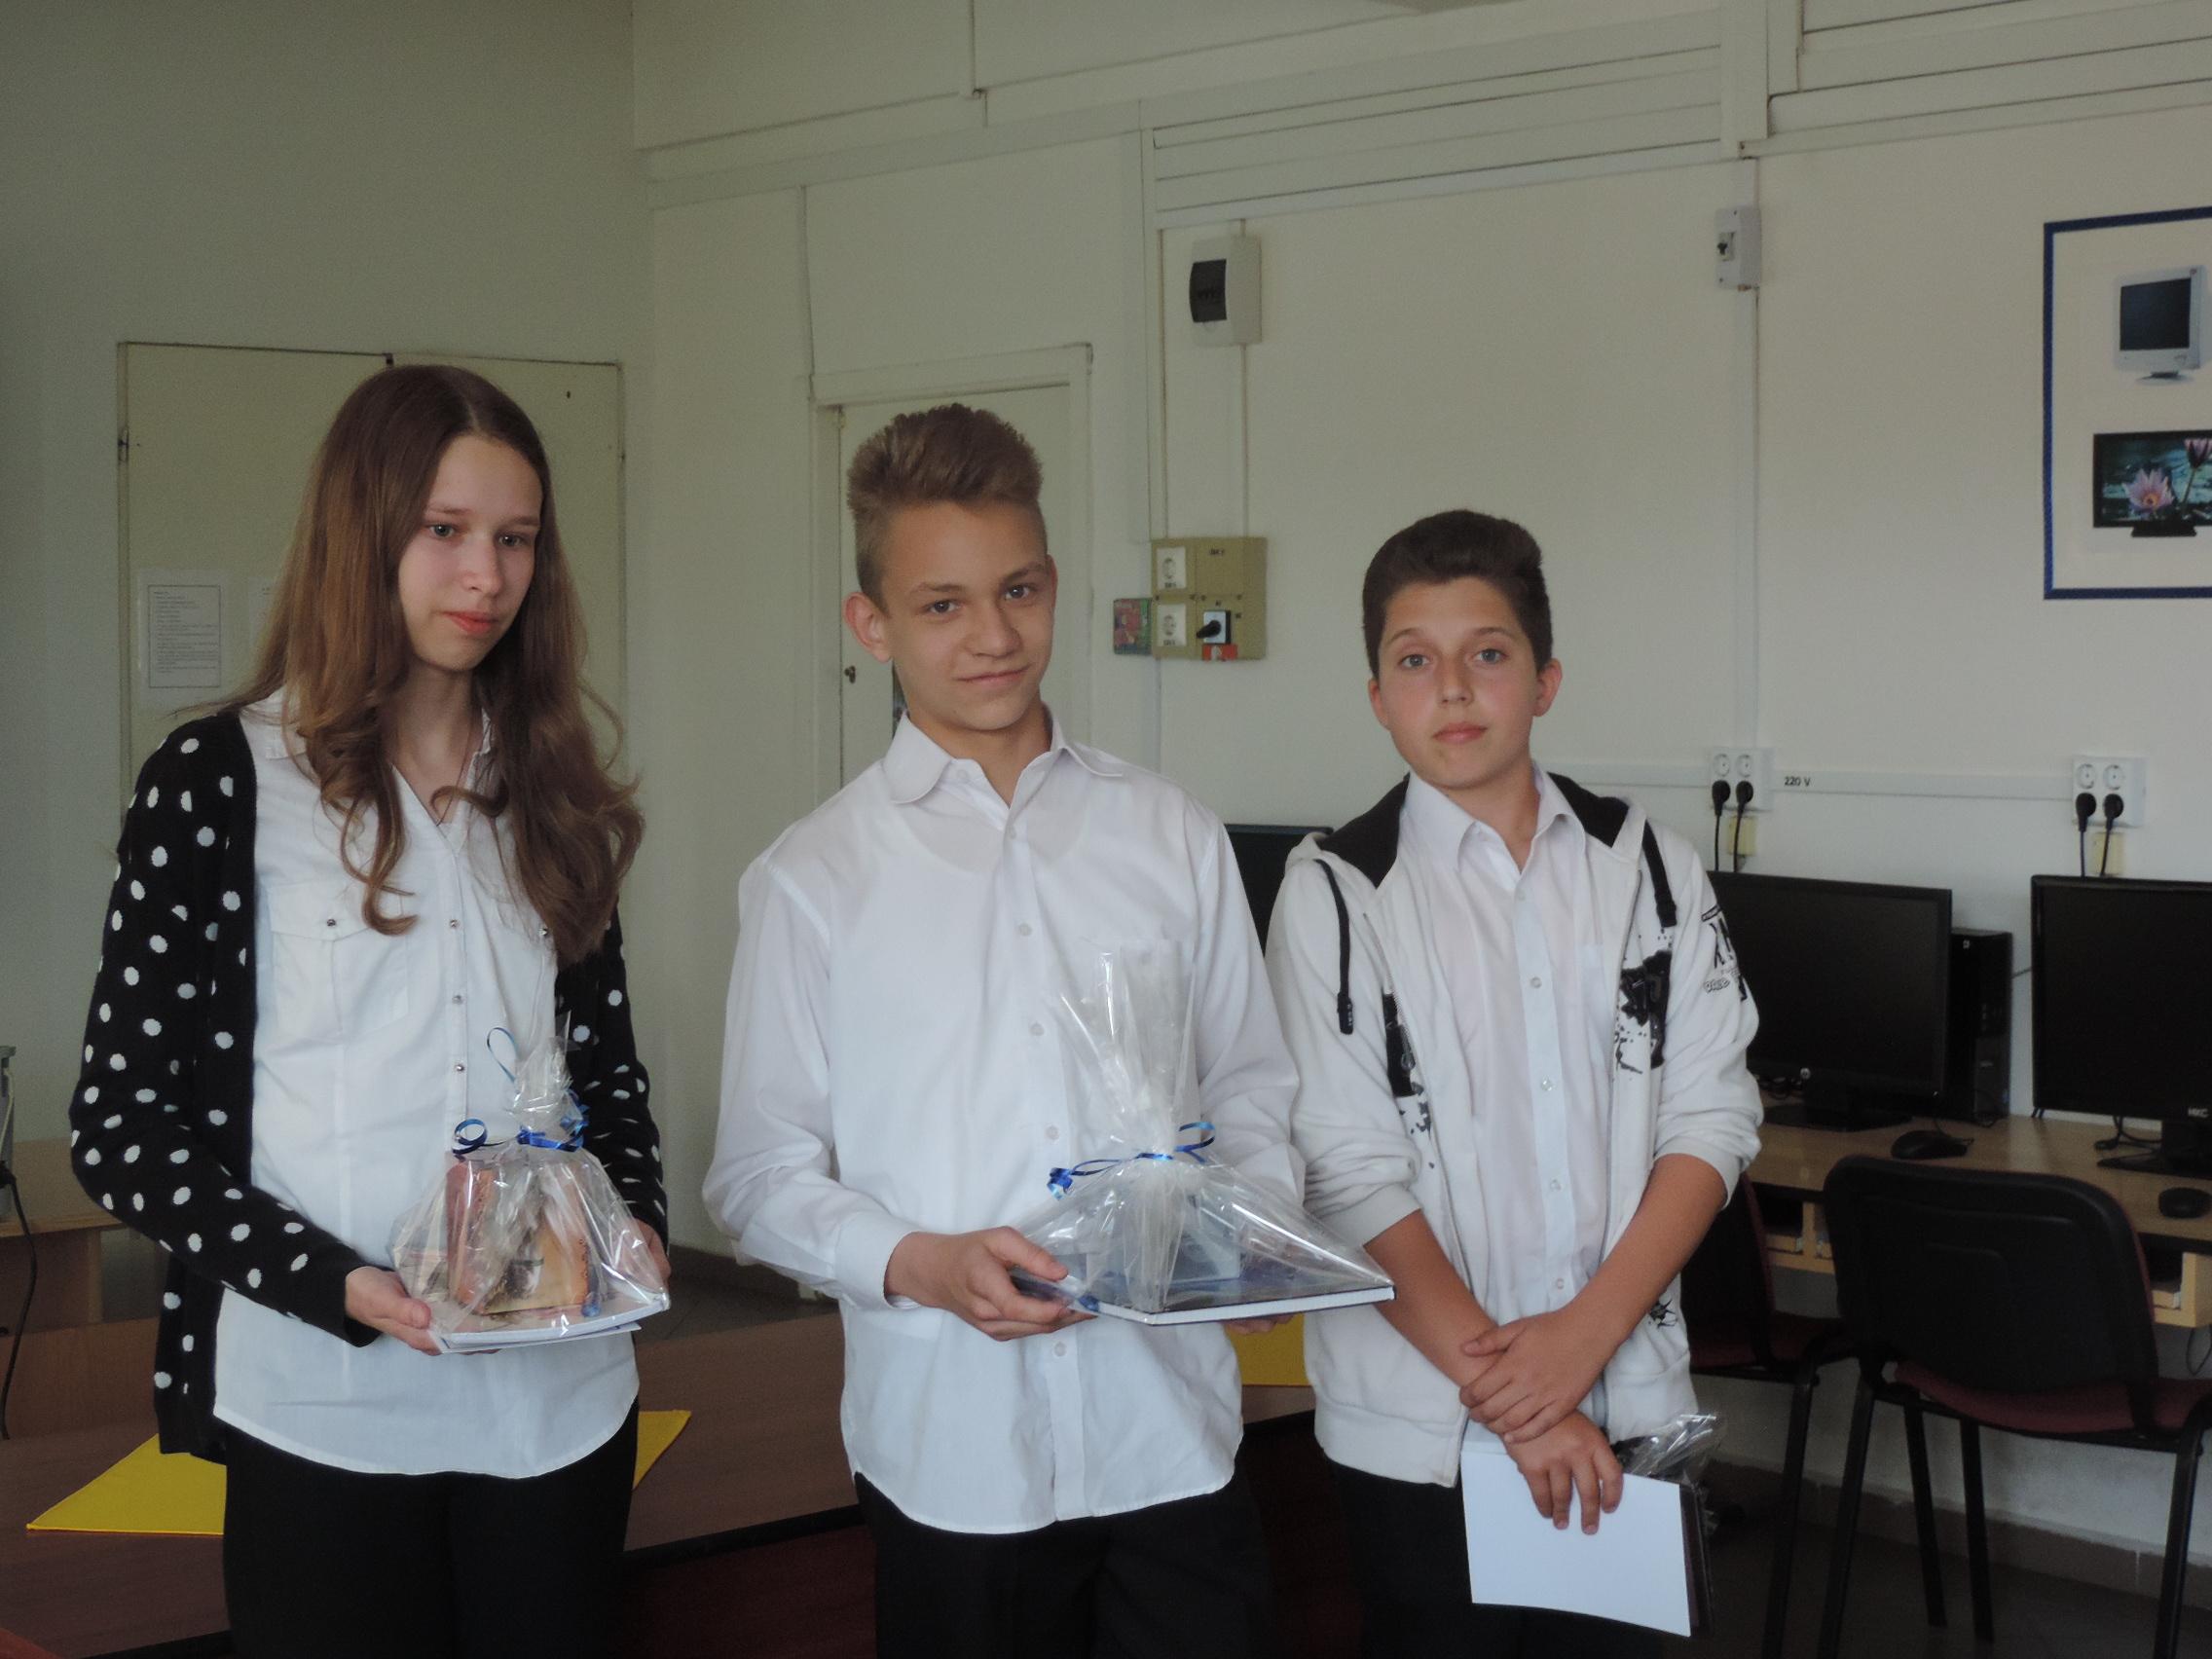 http://kolorline.hu/Kiemelkedő tanulókat jutalmaztak